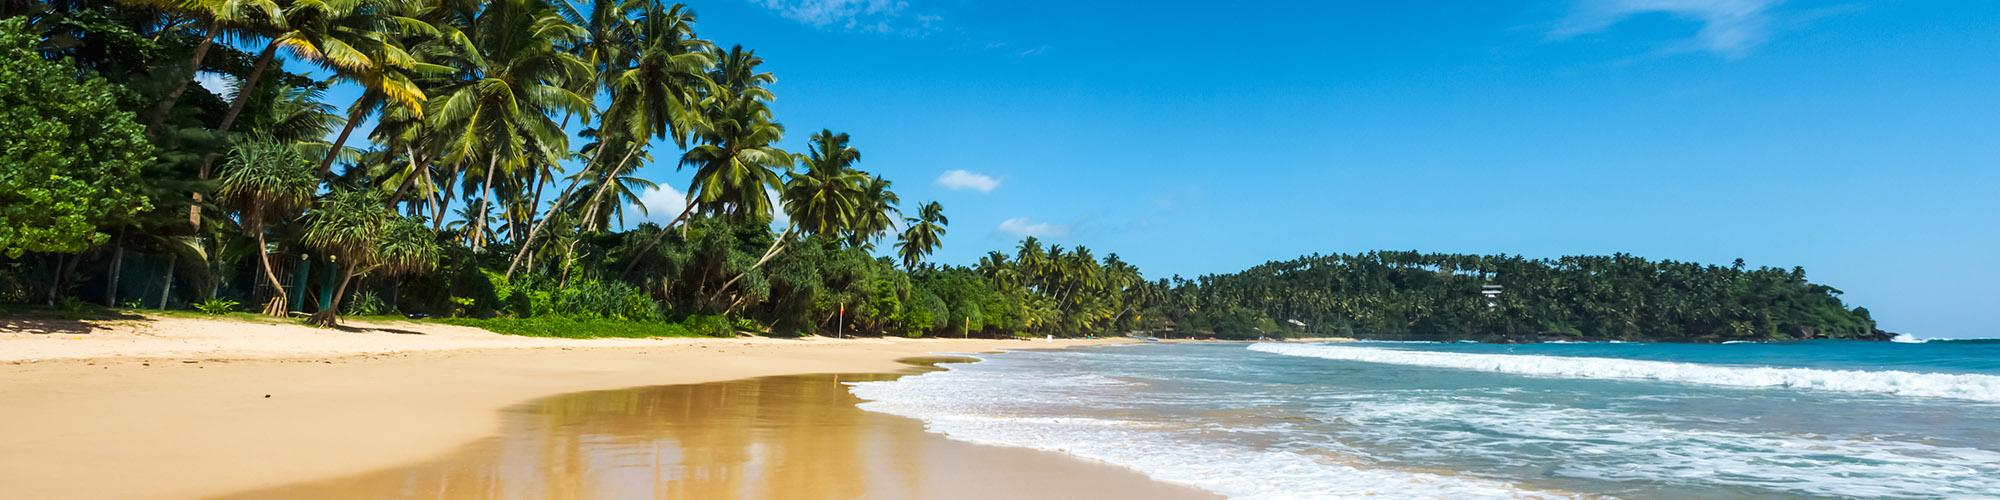 Hauptattraktionen der Ostküste Sri Lankas